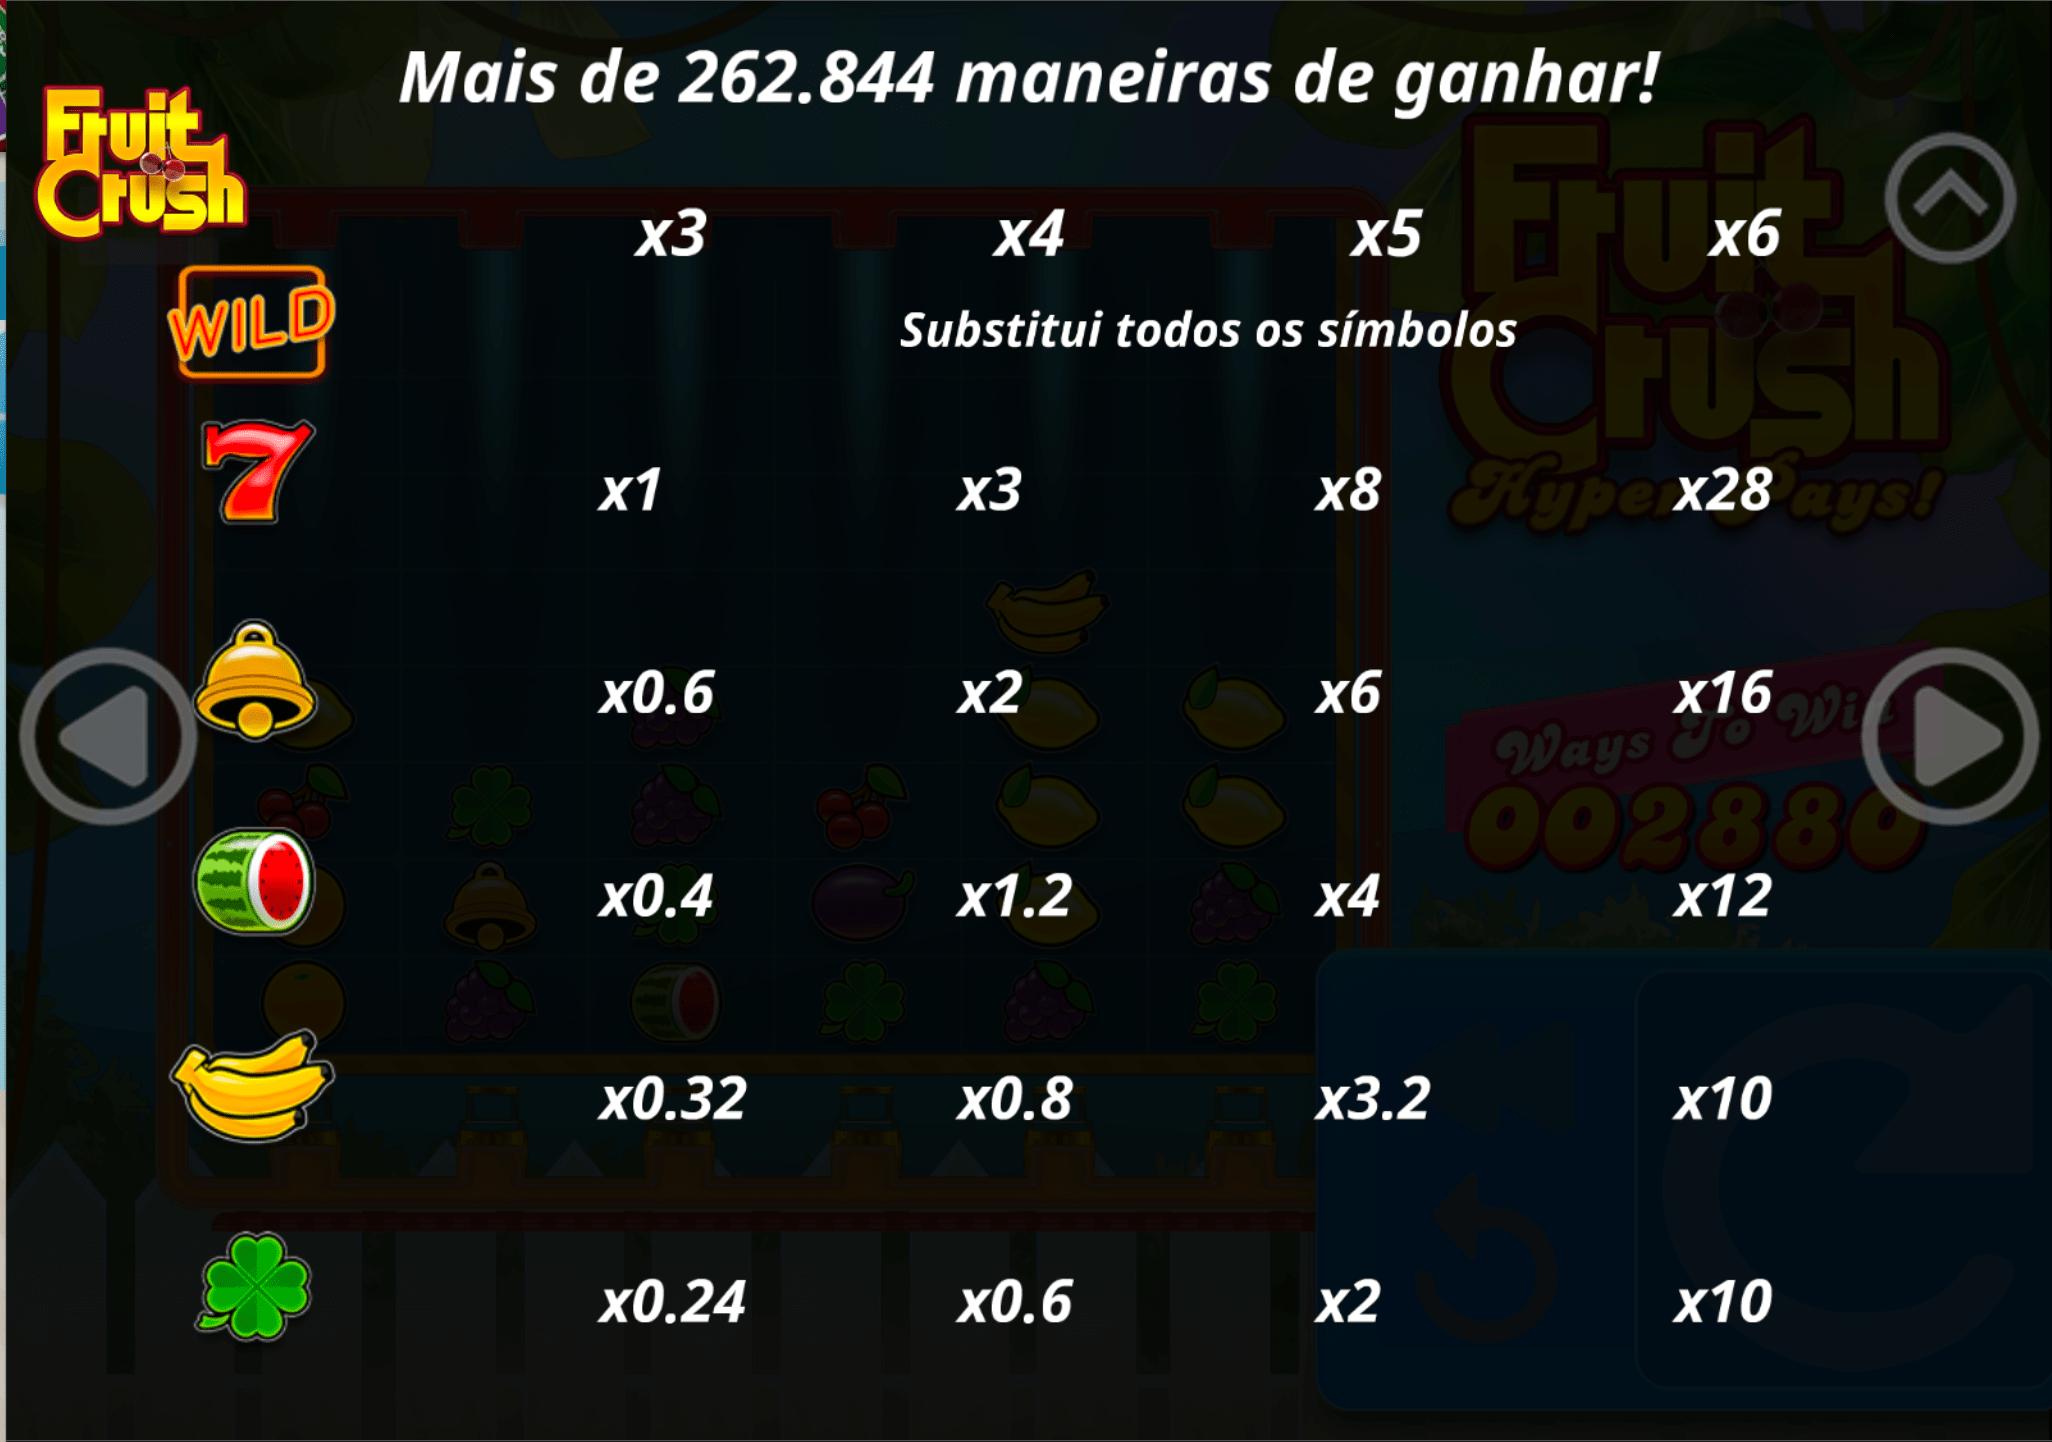 Fruit Crush - 15 mil na competição!